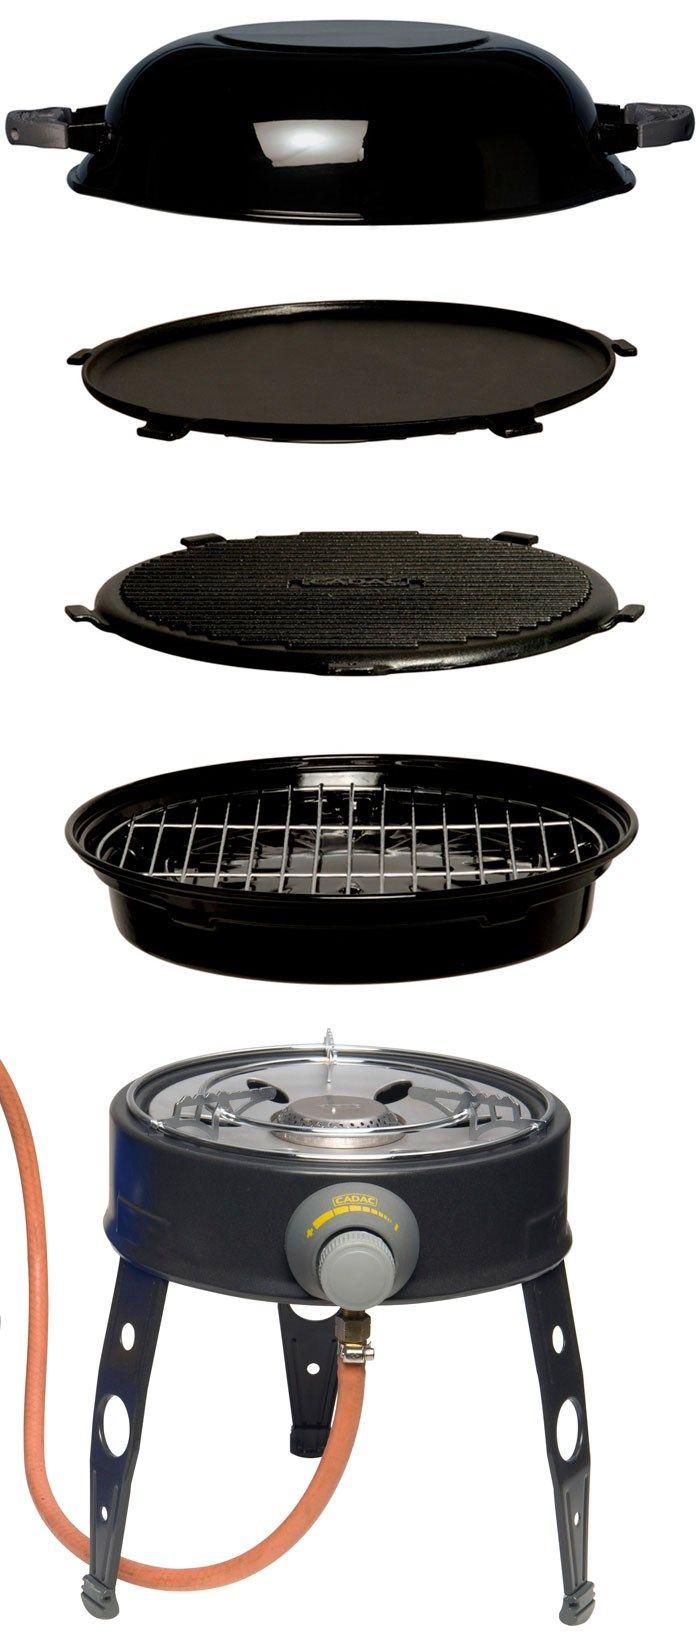 Cadac Safari Chef Lp Portable Gas Barbecue Go Outdoors Barbecue Go Outdoors Safari